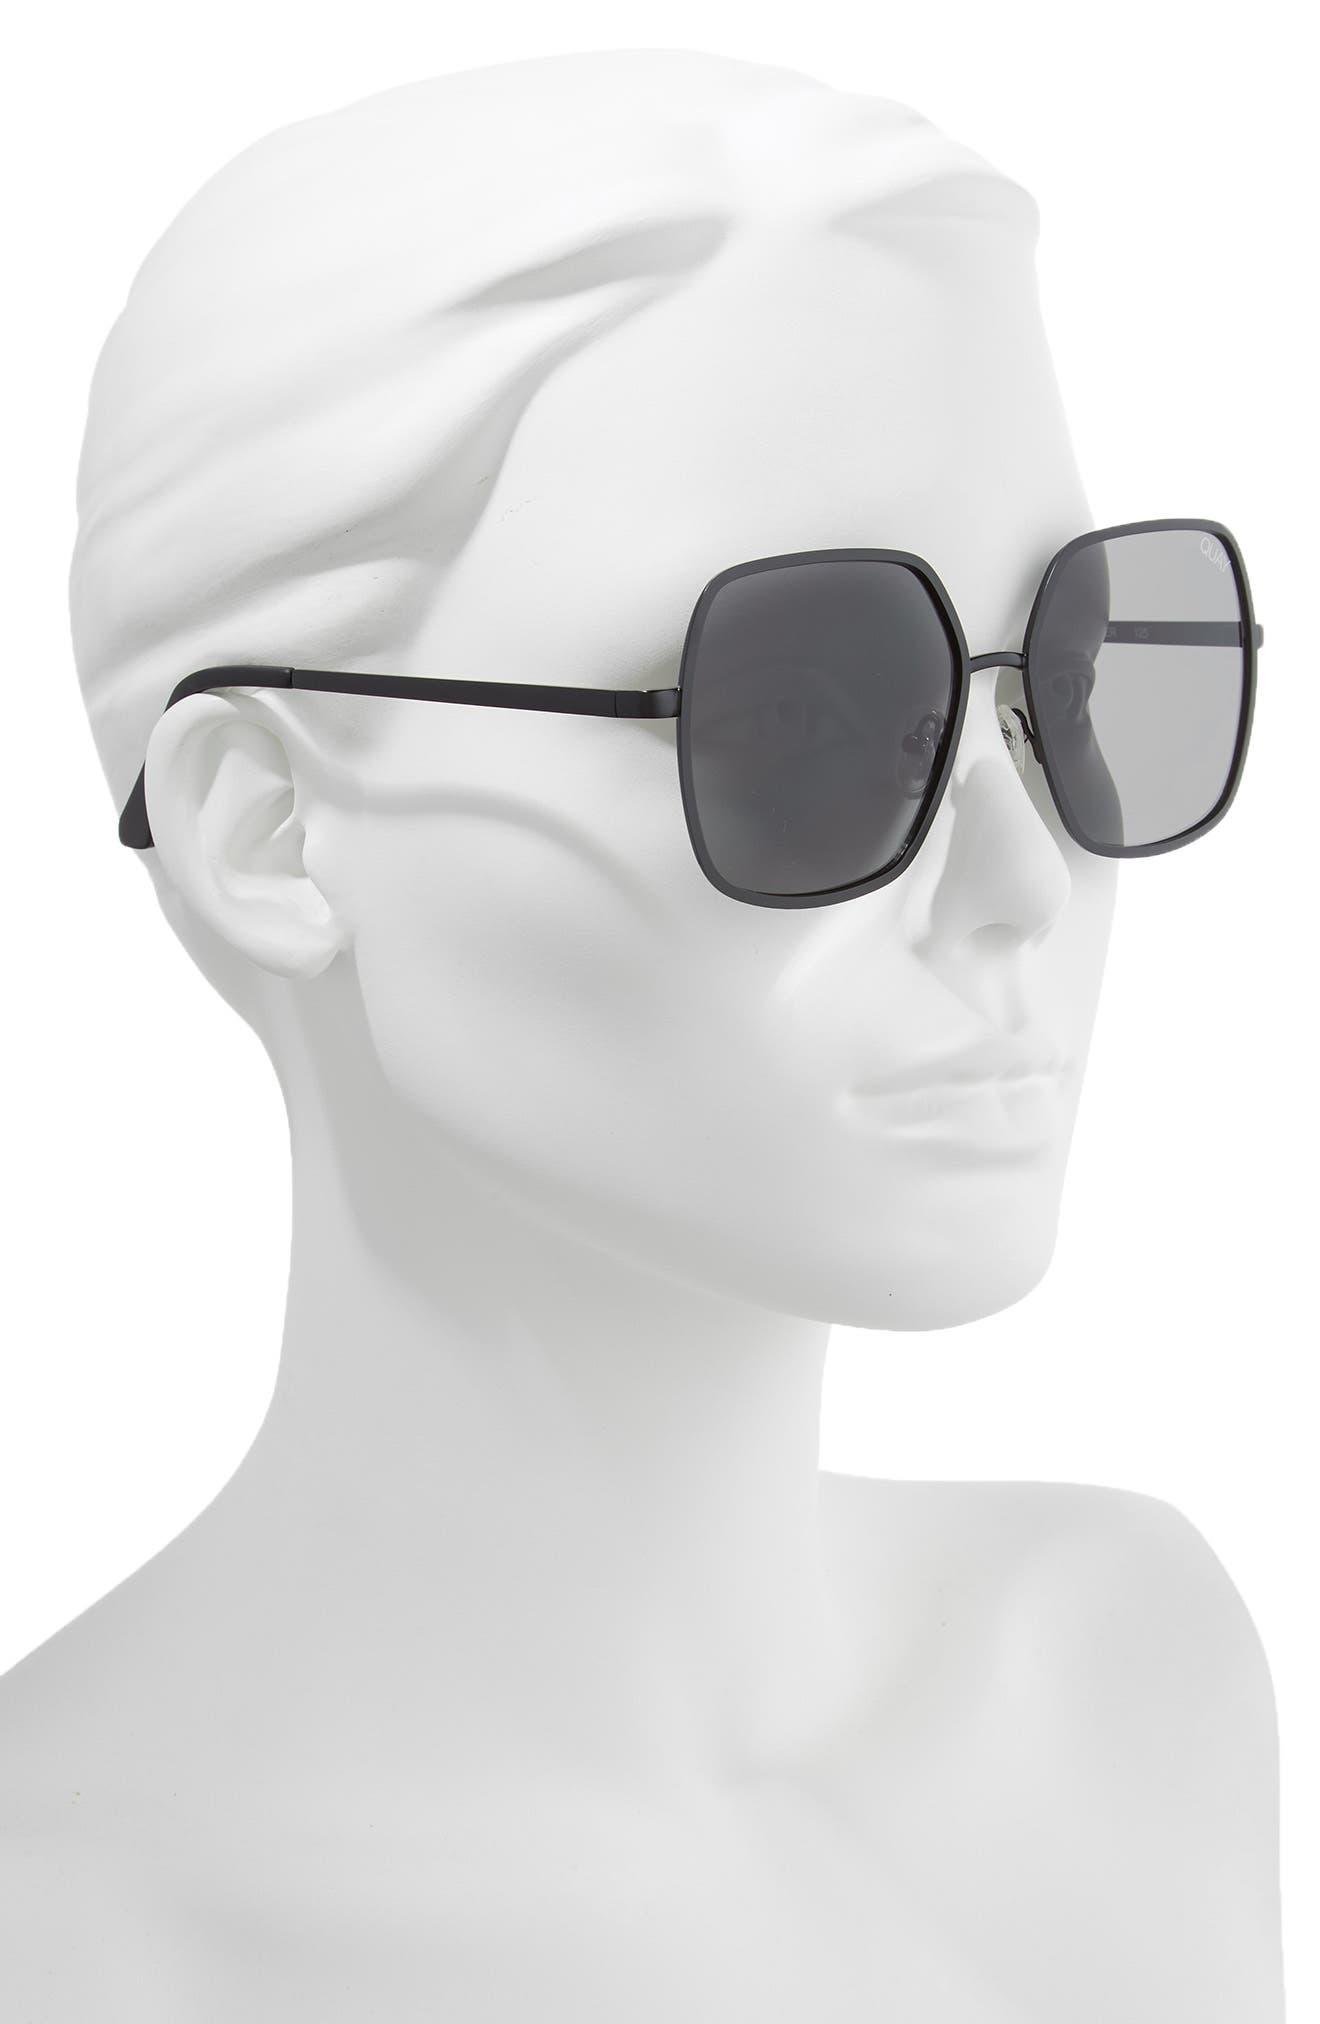 57mm Square Sunglasses,                             Alternate thumbnail 2, color,                             BLACK/ SMOKE